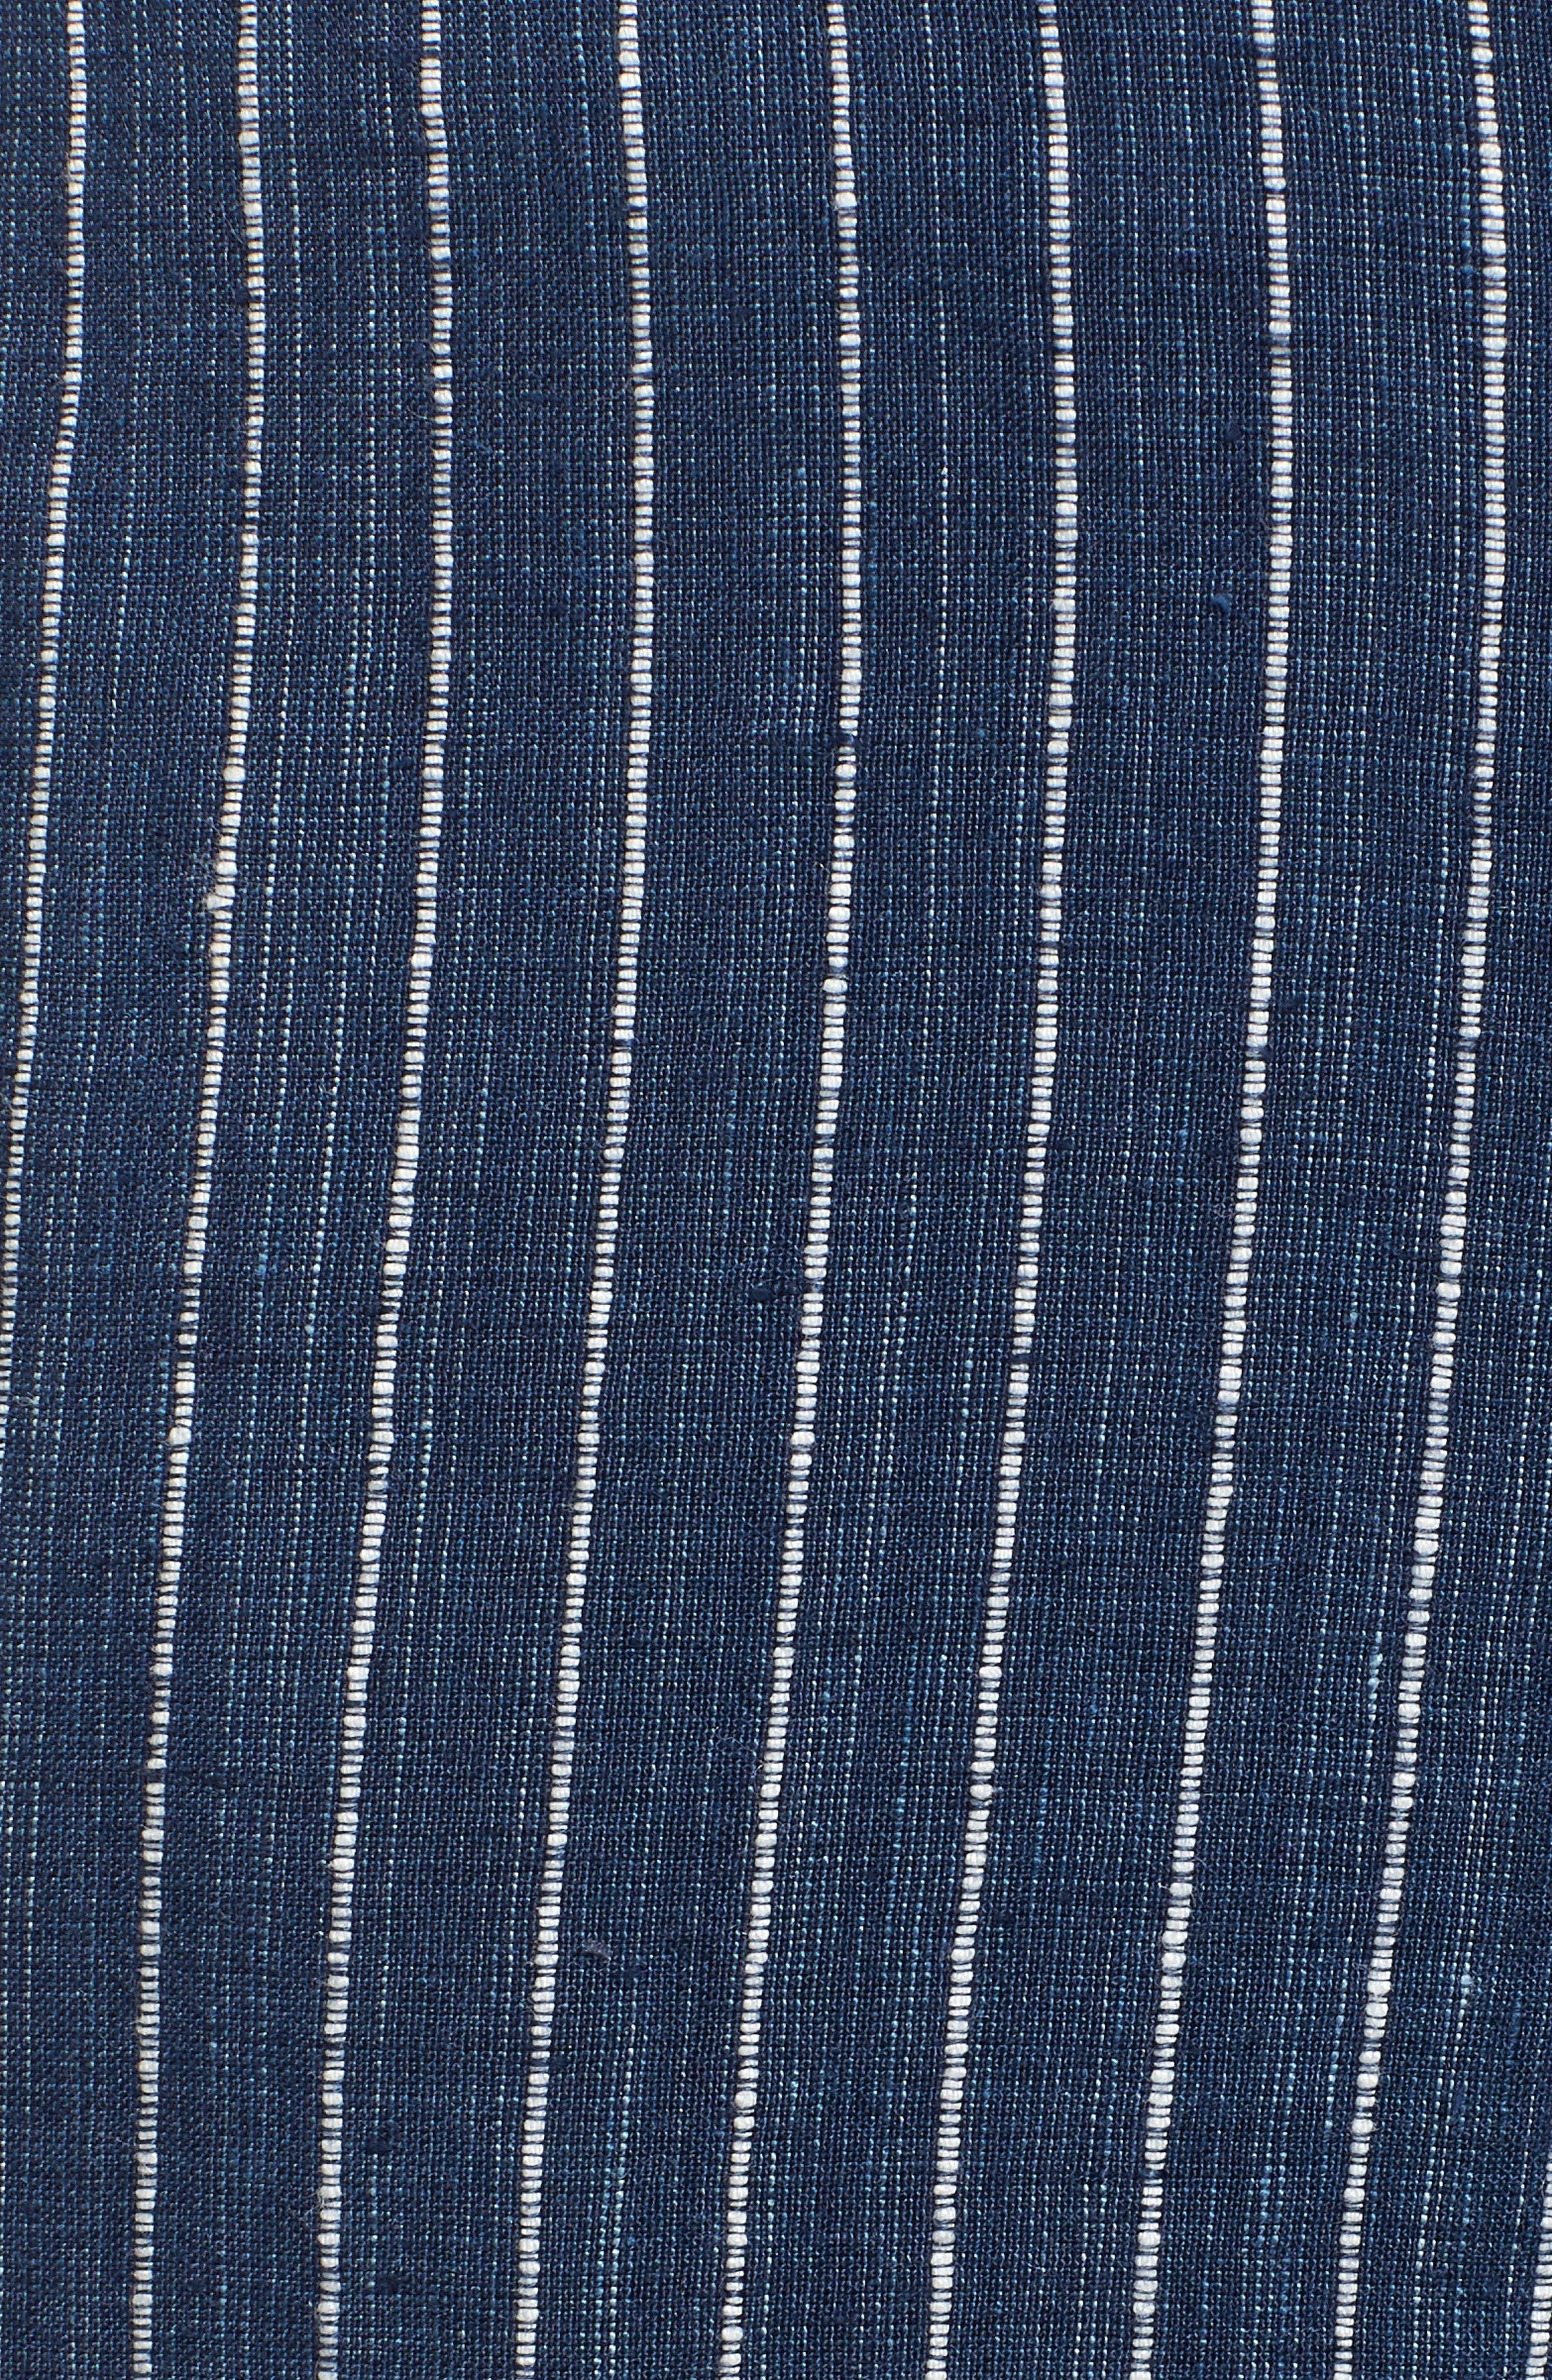 Stripe Linen Crop Pants,                             Alternate thumbnail 6, color,                             480